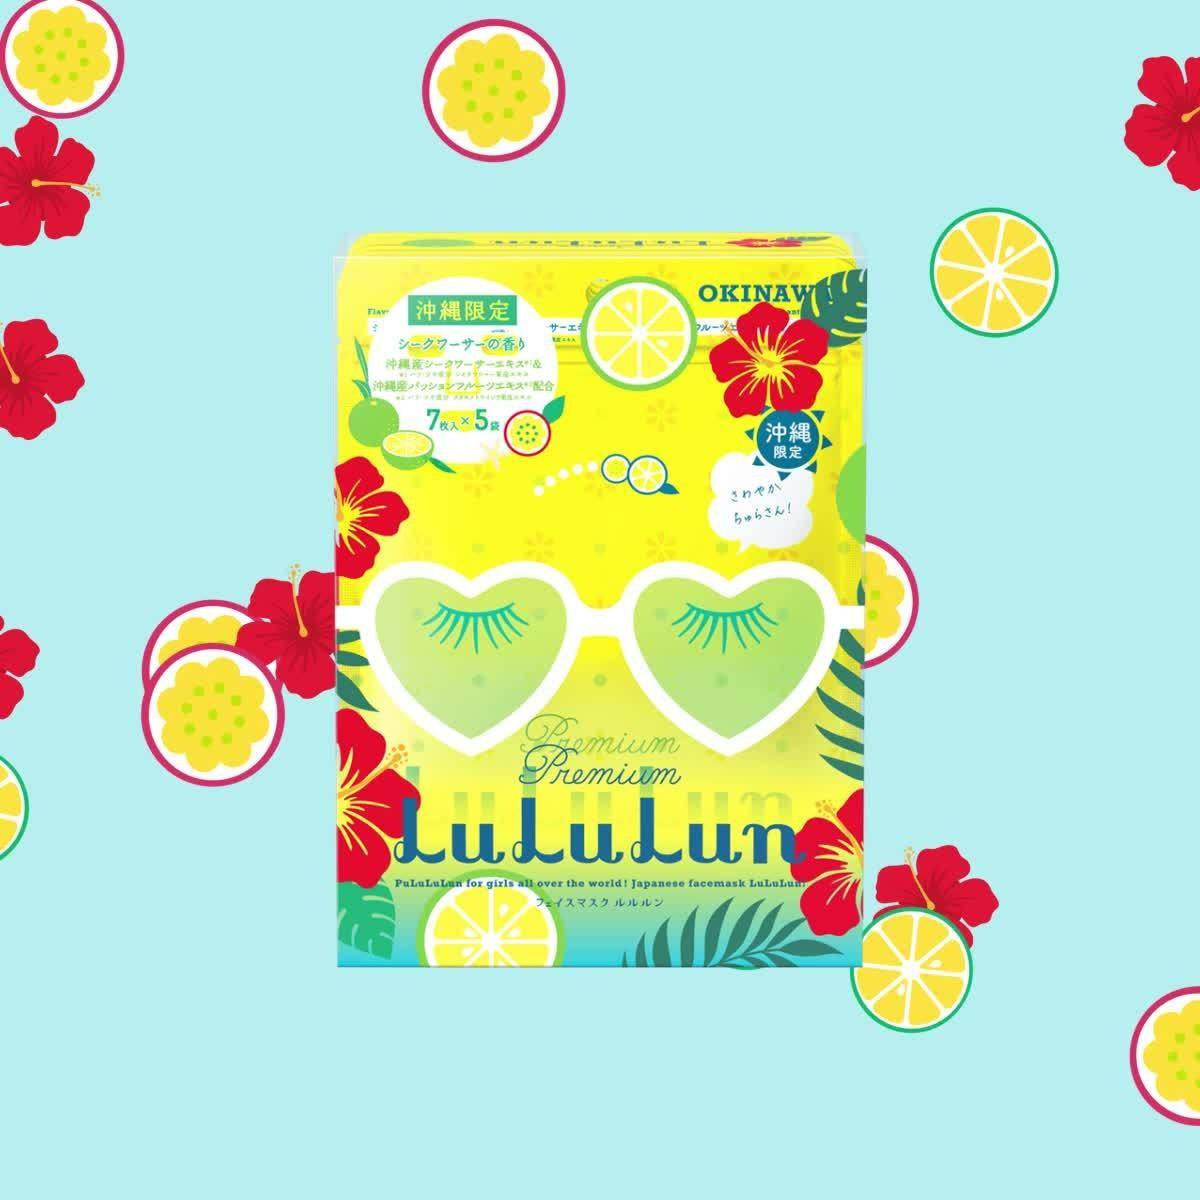 \ 沖縄の美のパワーをチャージ! /  ご当地シリーズ第2弾は、沖縄のルルルン♪  めいいっぱい楽しんだ後は、 思い出と一緒にルルルンも連れて帰って✨ 沖縄にも、たくさんのルルルンがいるんだよーっ☆   ♡ アセロラの香り ♡ シークワーサーの香り ♡ 月桃の香り ♡ アロエの香り  アセロラとシークワーサーは 毎日化粧水代わりに使える化粧水マスク、 ハニーとシトラスは、 週に1~2回使いの美容液マスクだよ!  沖縄にちなんだ素材ばかりを配合しているよ♪  お出かけの後は、 ルルルンでじっくりお肌のケアをしちゃおうᵕ ᵕ   ▼販売店舗はこちらから検索   https://bit.ly/2Dzu3Js  ▼沖縄のプレミアムルルルン 公式HP   https://bit.ly/2VvVKgs   #GW, #LuLuLun, #沖縄, #プレミアムルルルン #アセロラ, #シークワーサー, #月桃, #アロエ #ルルルン, #lululun, #うるおい, #フェイスマスク #使い切りコスメ, #使い分け, #パック, #facemask #クリーム, #skincare, #cosme, #beauty #化粧水, #スキンケア, #コスメ, #ビューティ #毎日, #毎日マスク, #朝夜使い, #朝マスク, #夜マスク